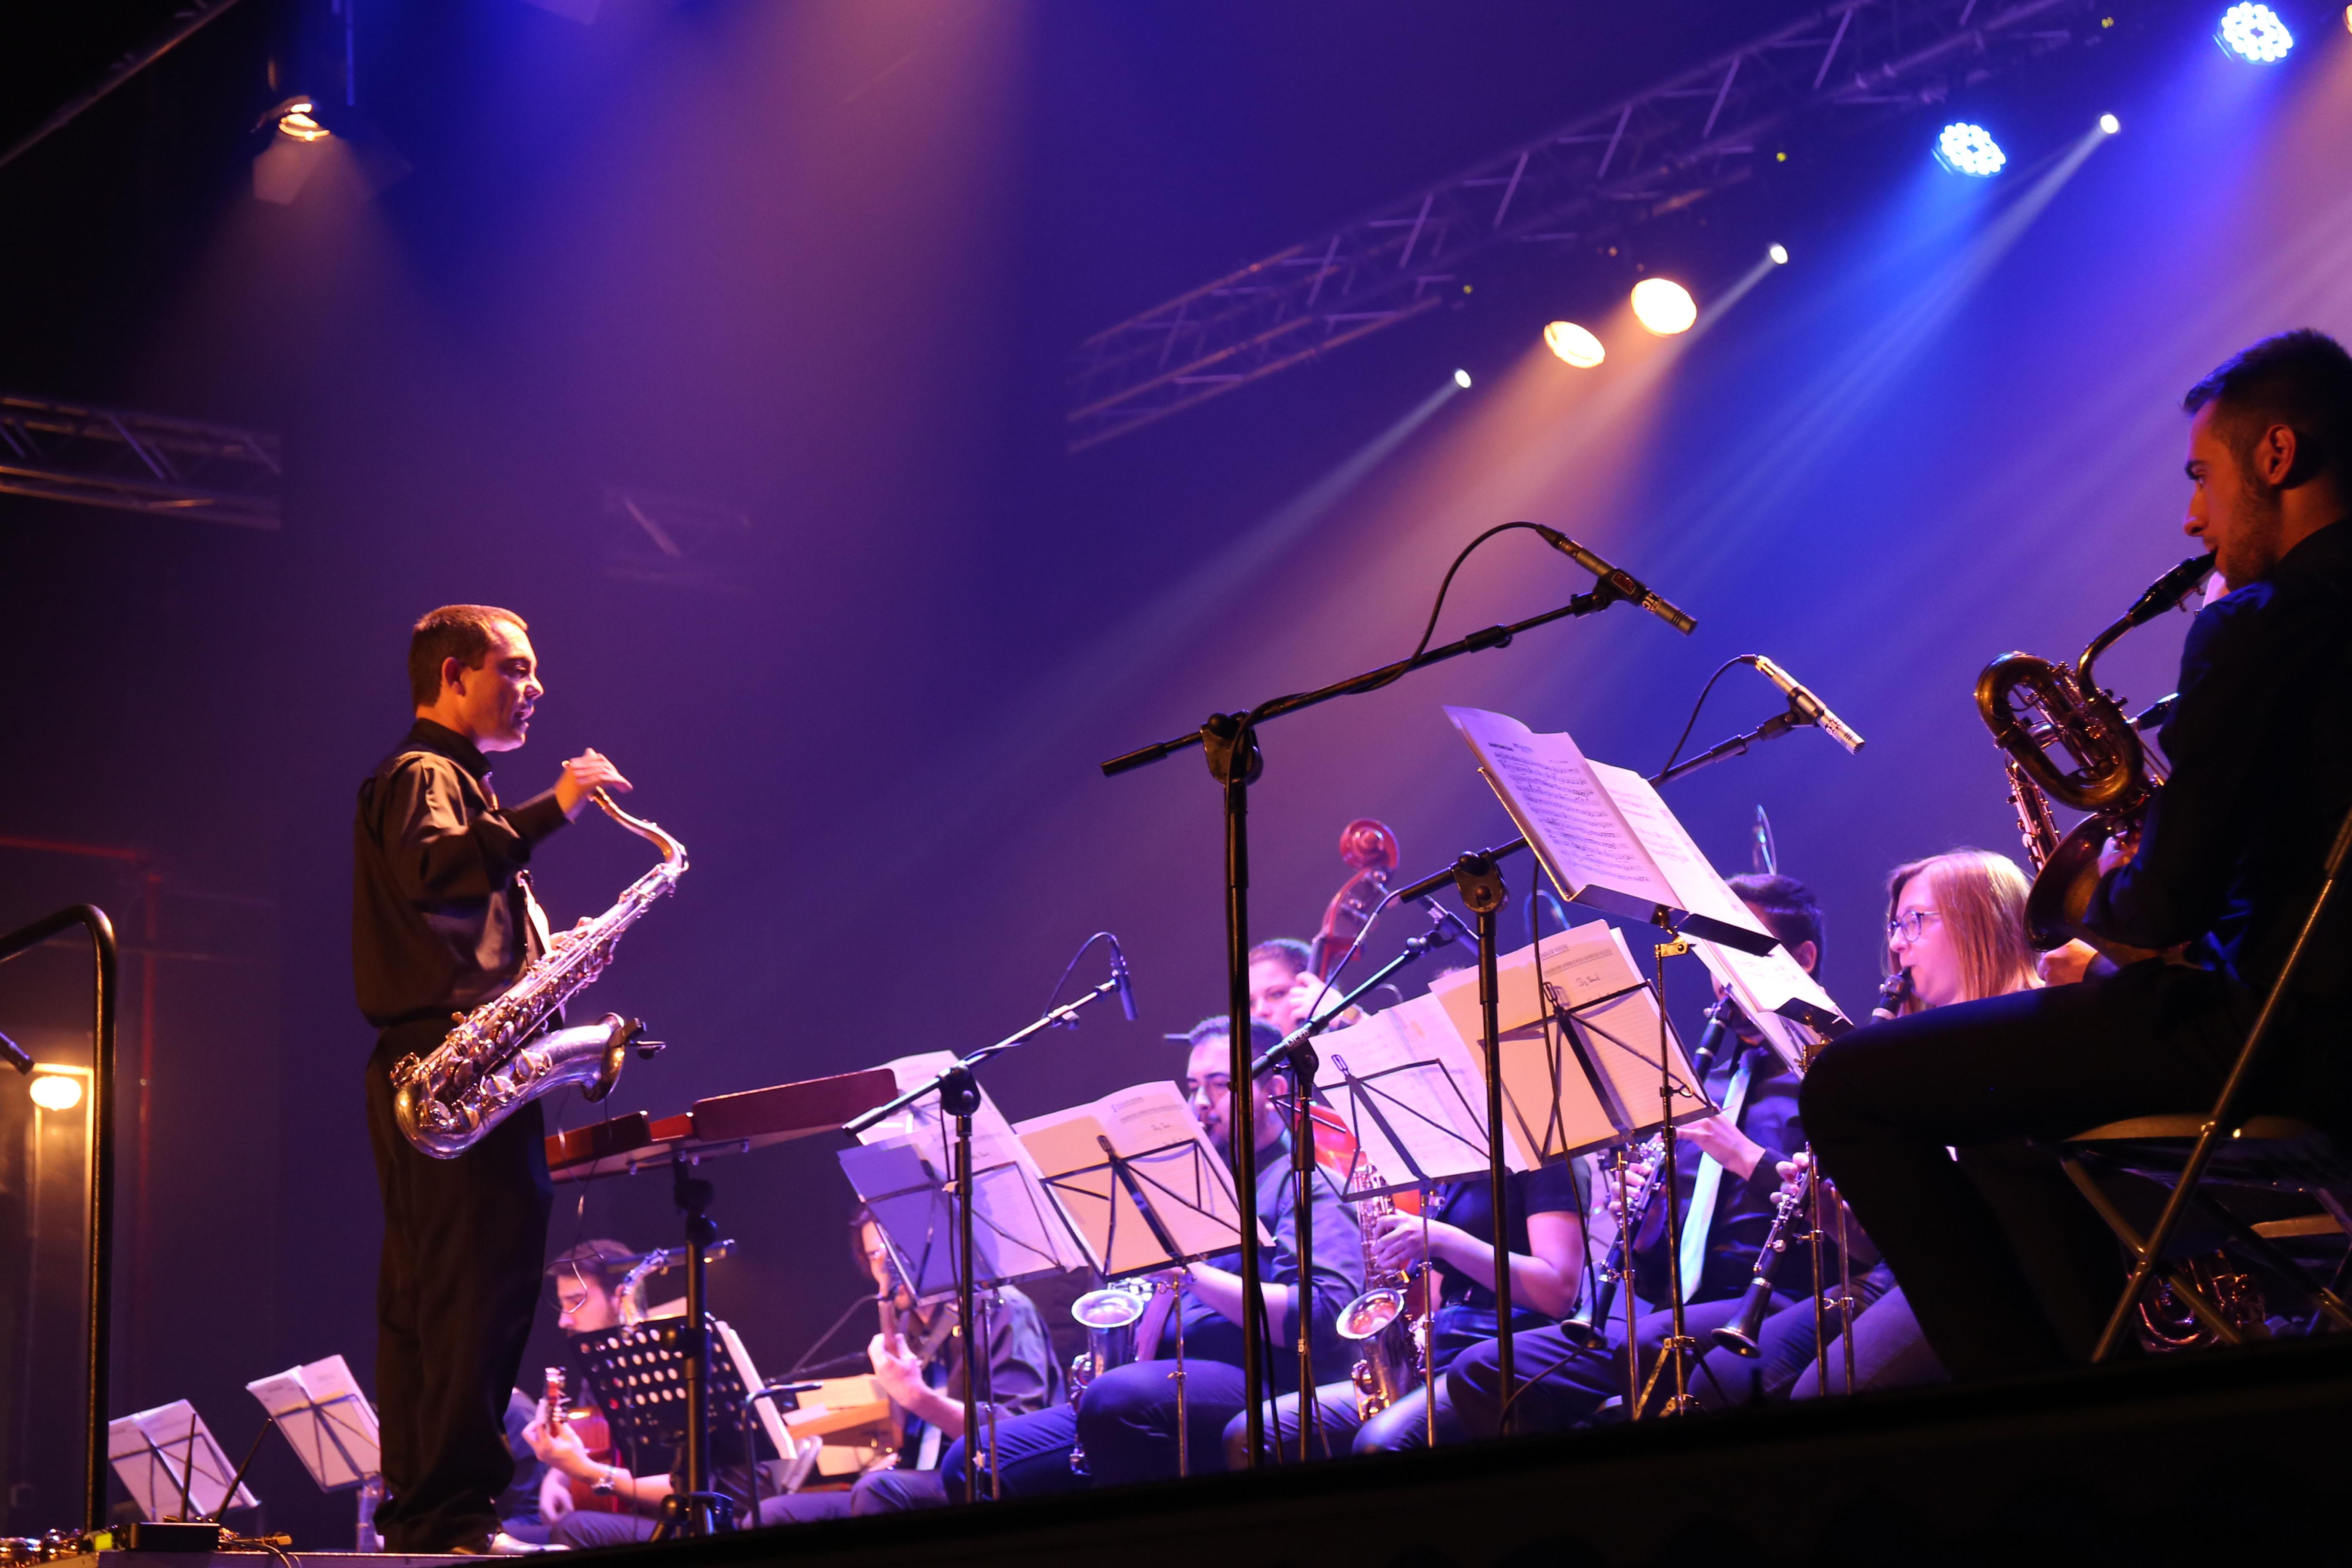 """Cheste disfruta del teatro y la música con el espectáculo """"Two ladies or not two ladies"""" y el concierto de jazz de la Big Band CSMC """"Salvador Seguí""""."""